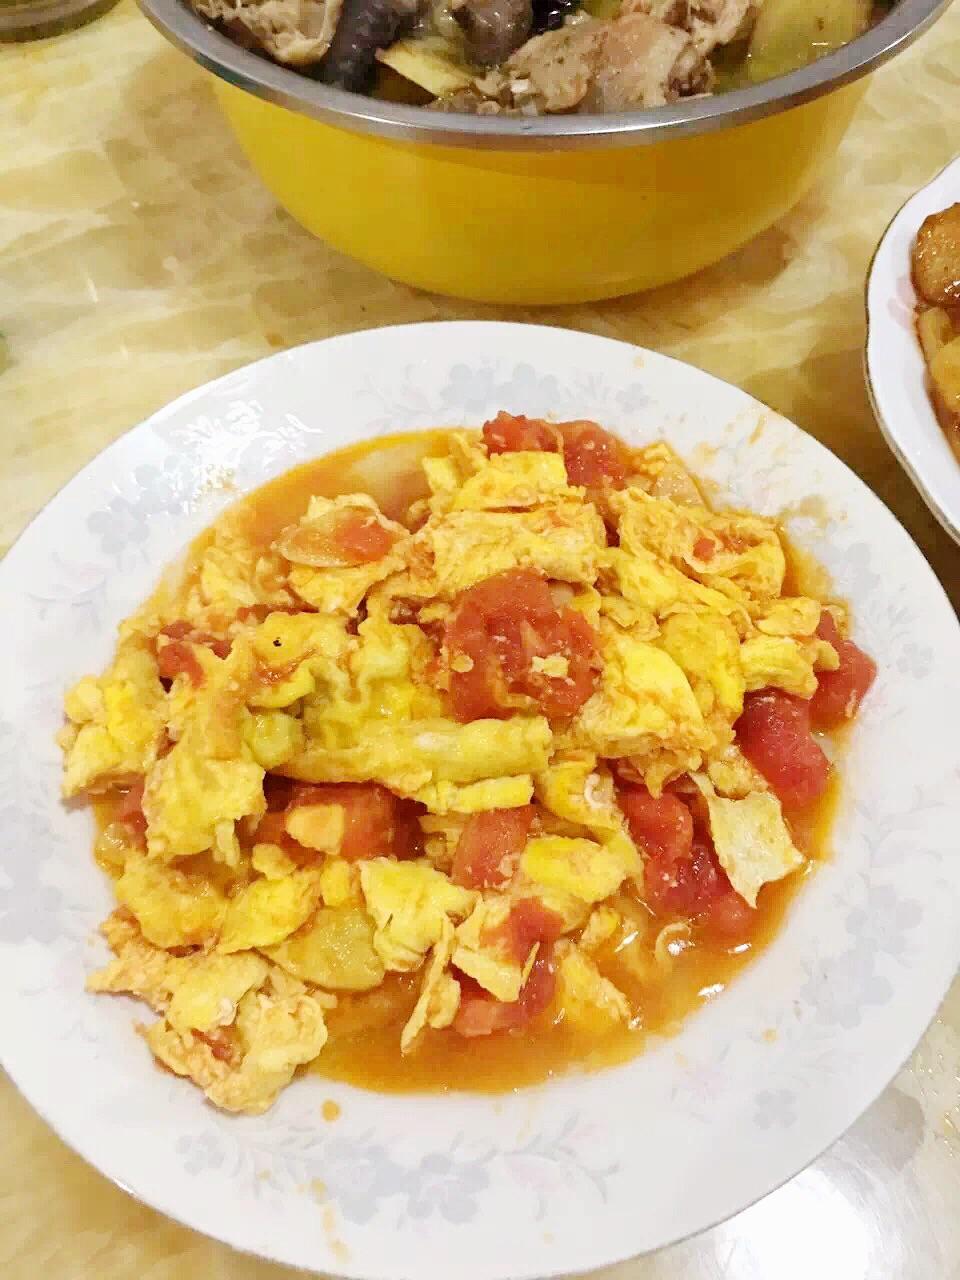 西红柿炒鸡蛋 宝宝下饭菜图片